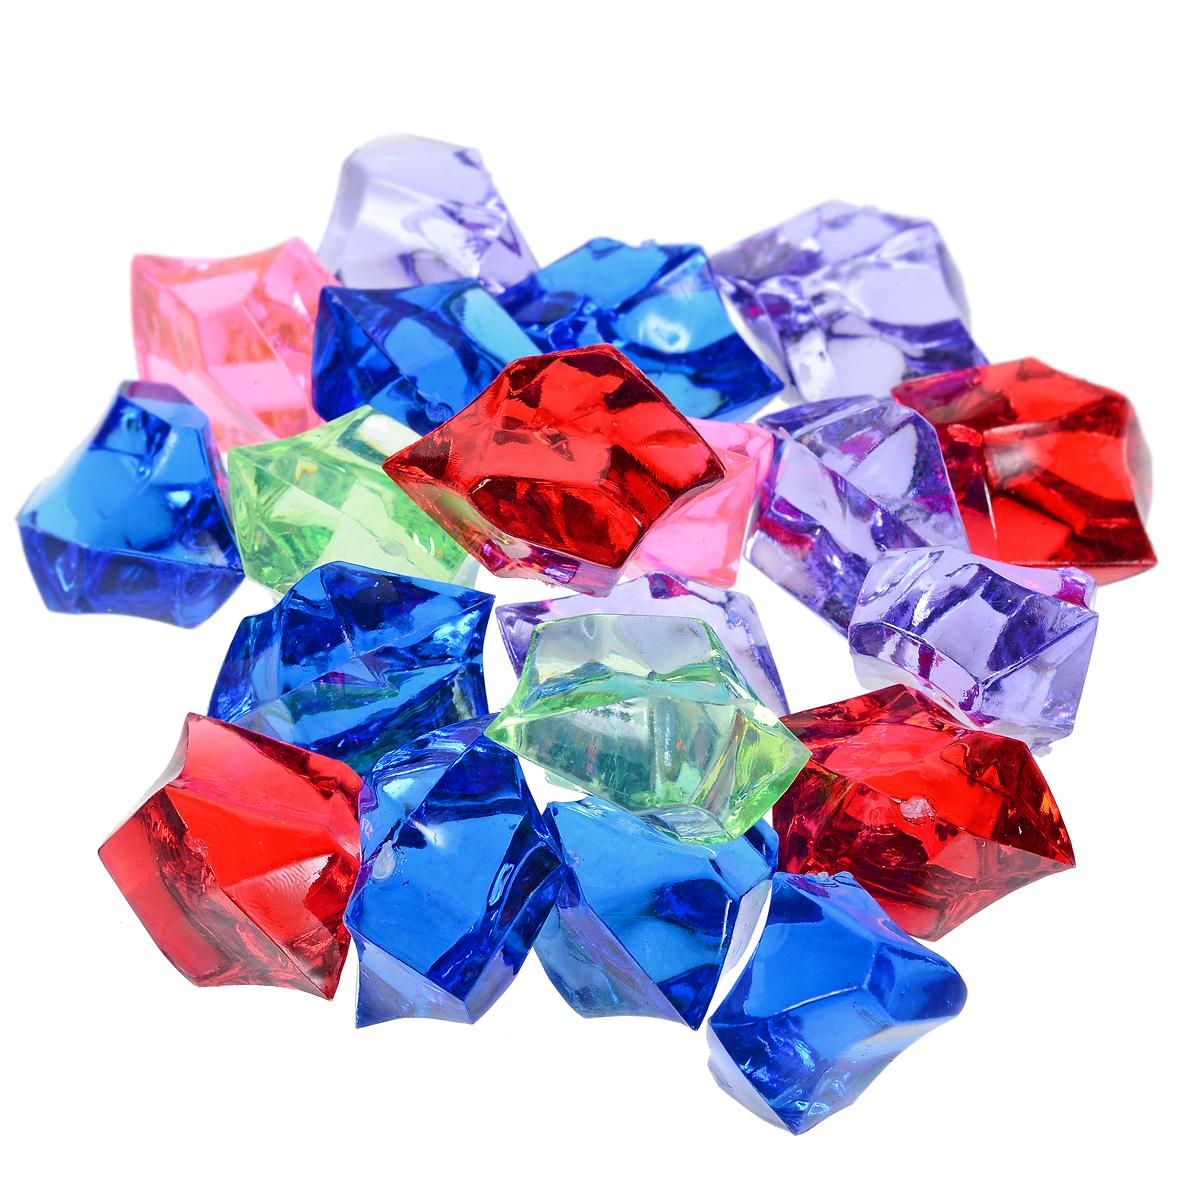 Набор декоративных кристаллов Большие камни микс, 70 г695804_62Набор декоративных кристаллов Большие камни микс, выполненный из пластика, замечательно подойдет для украшения вашего дома. Его можно использовать для создания индивидуального интерьера, а так же как наполнитель декоративных ваз. Декоративные кристаллы создают чувство уюта и улучшают настроение.Материал: пластик.